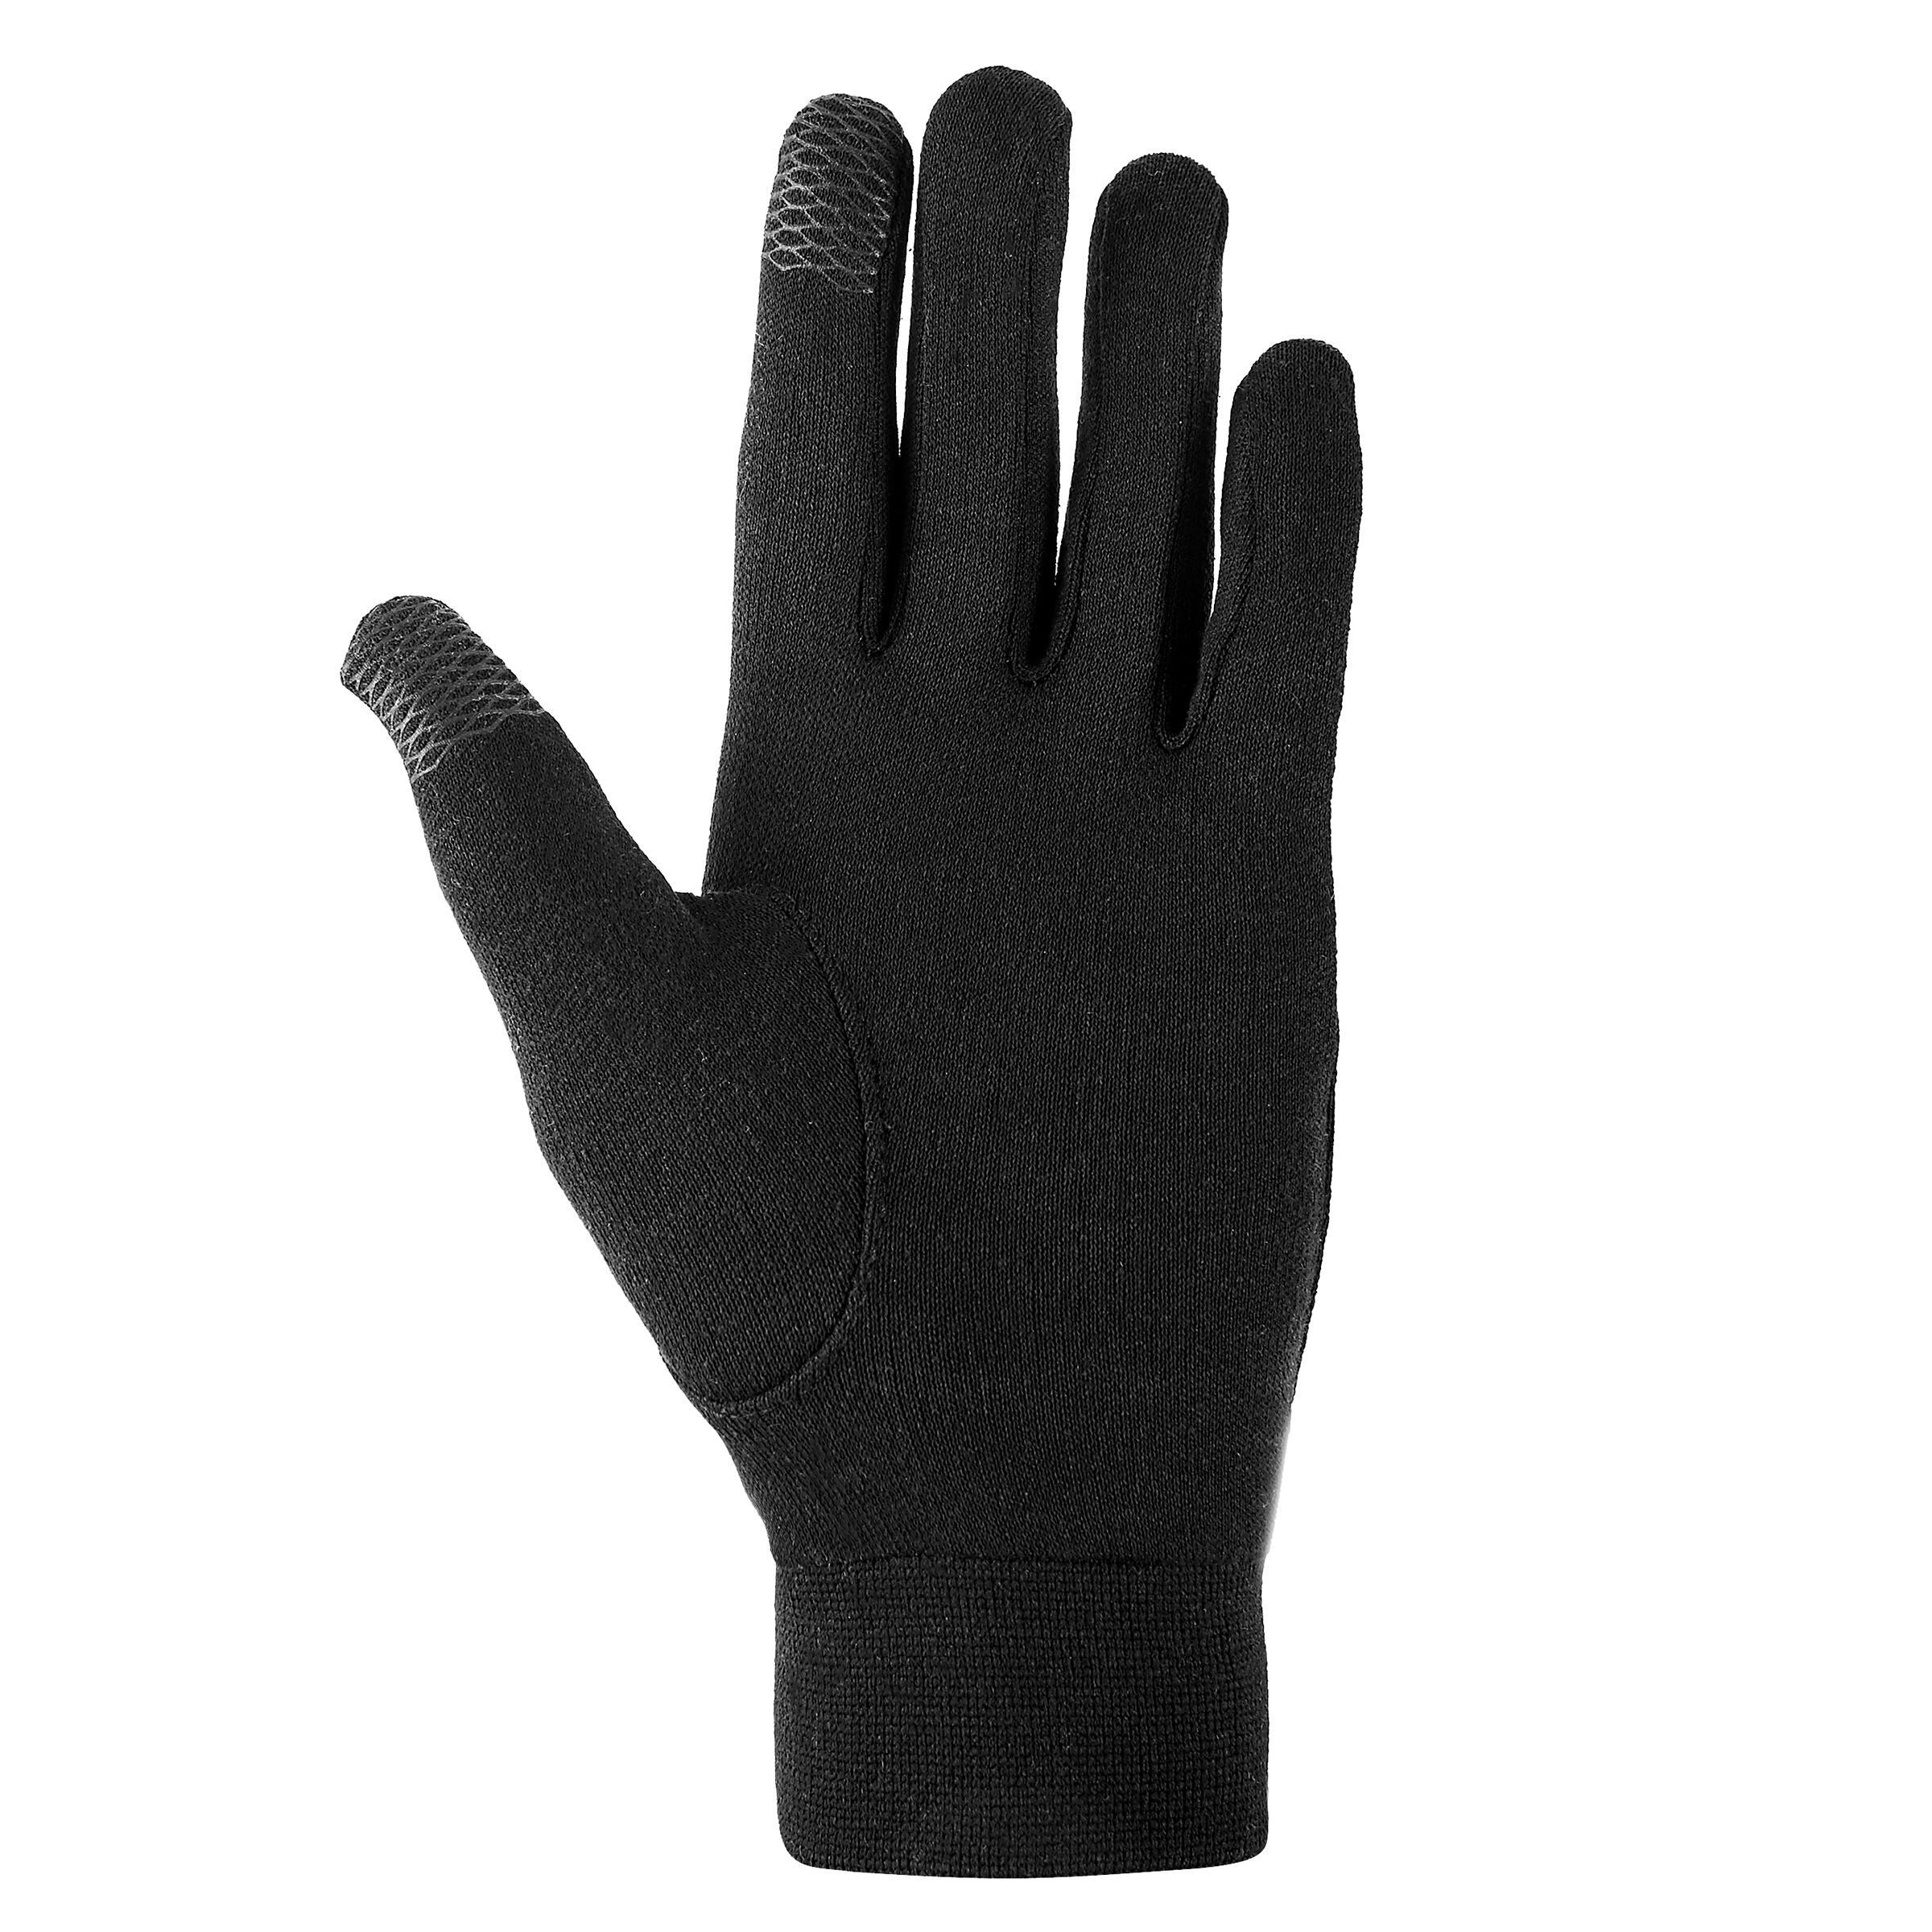 Black Silk Trek 500 Mountain Trekking Liner Gloves